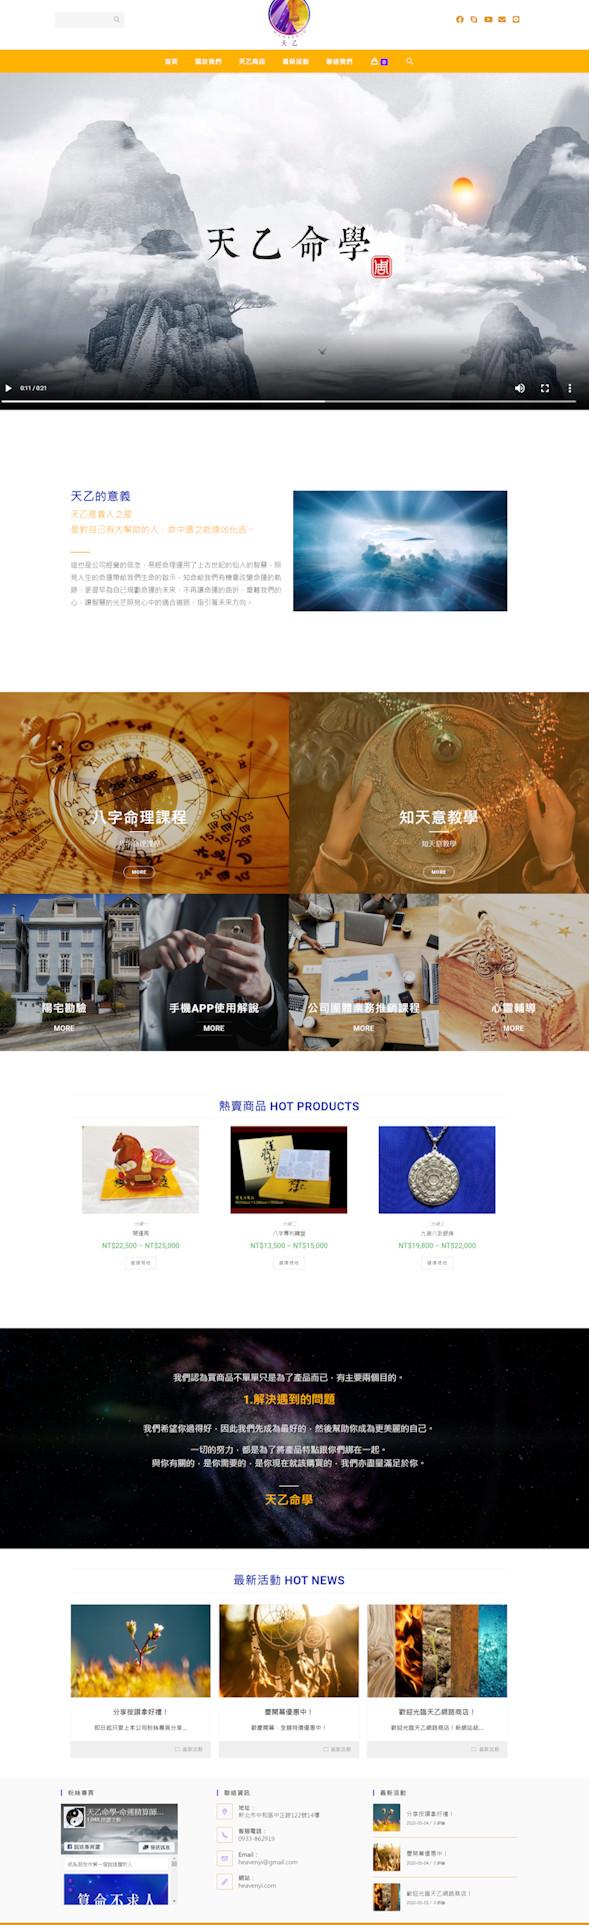 網頁設計-天乙2